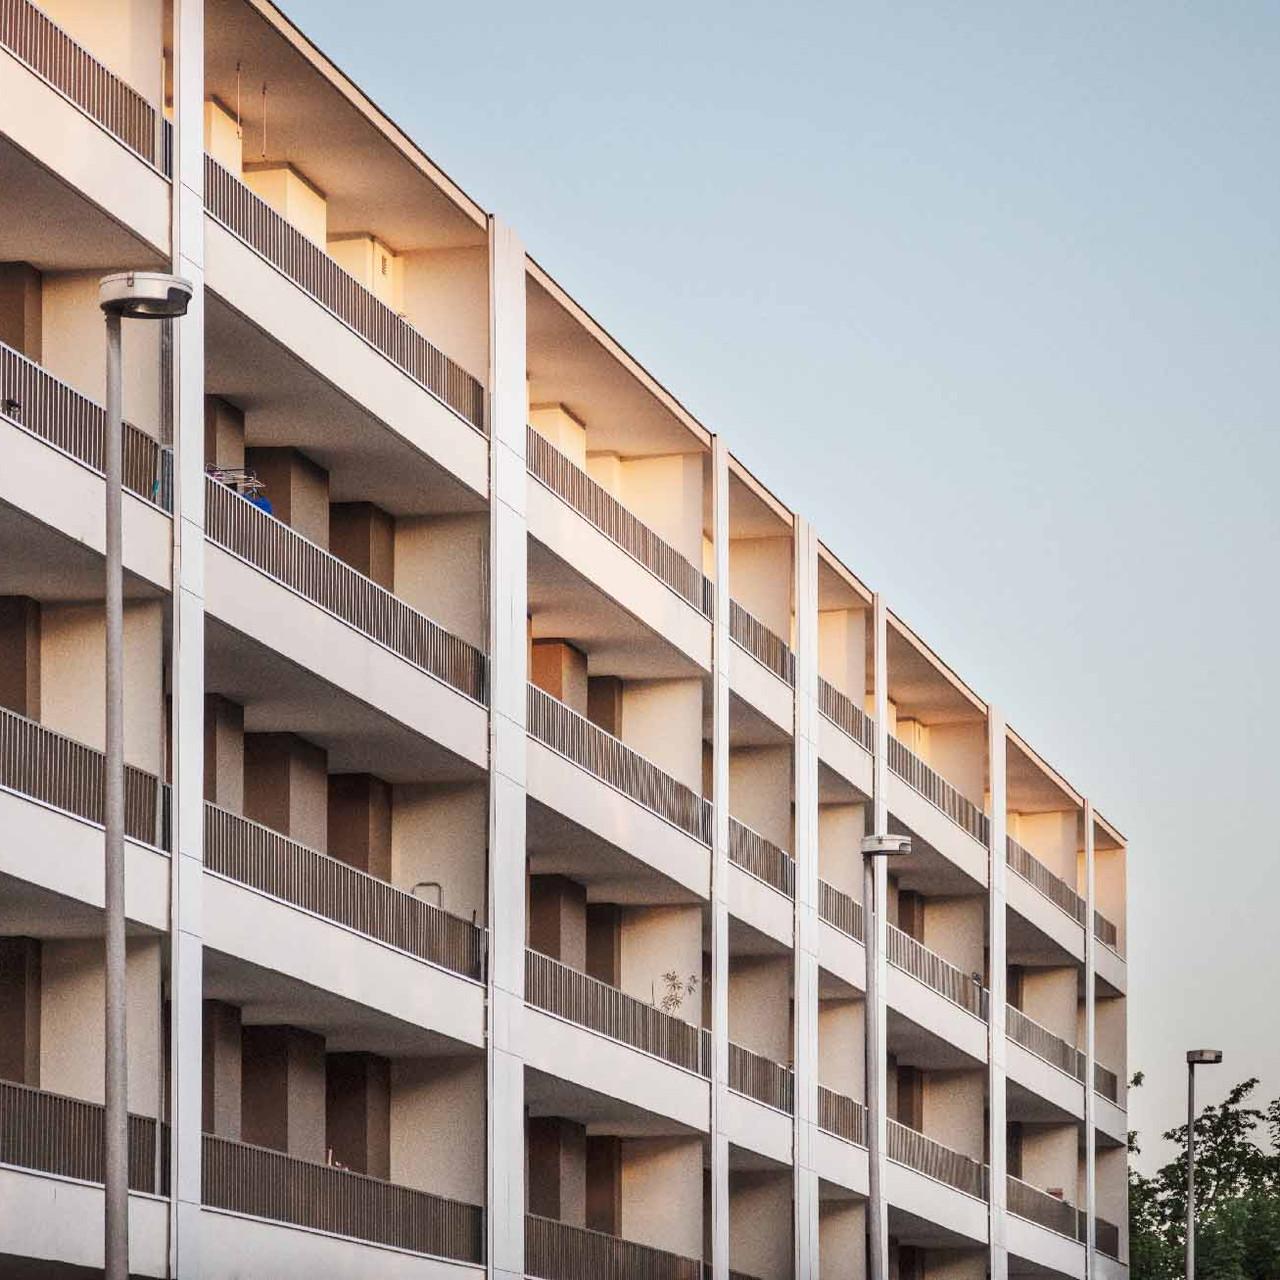 19_-_Saint-Prix_-_Daudré-Vignier_Archite